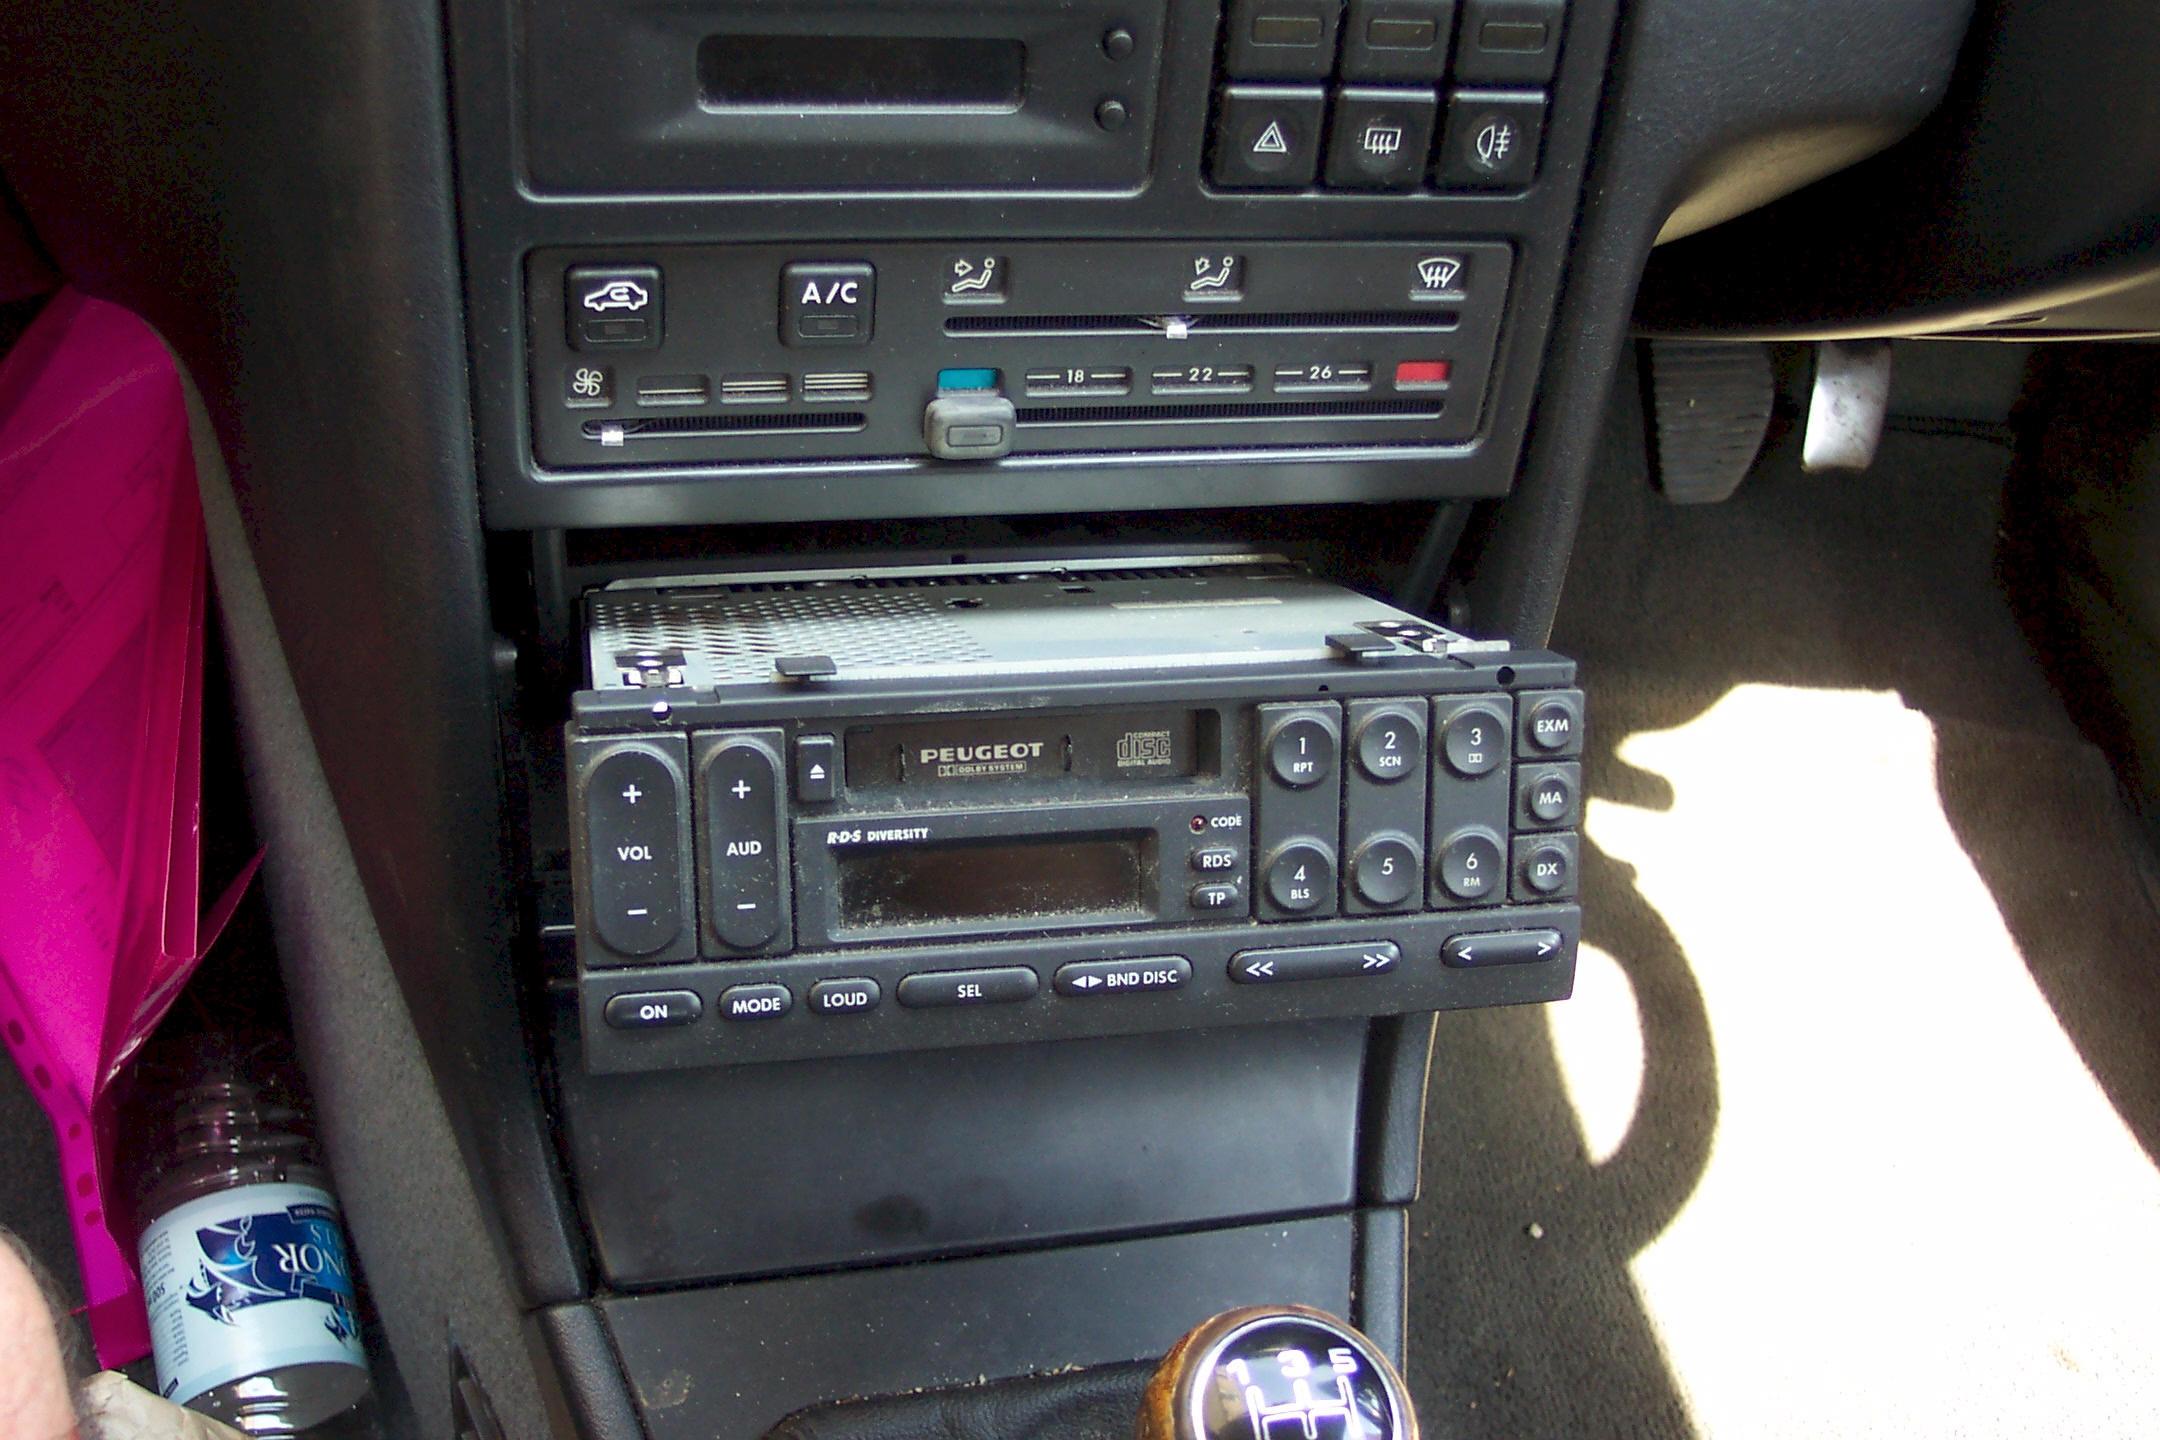 Bose Car Stereo Repair Uk